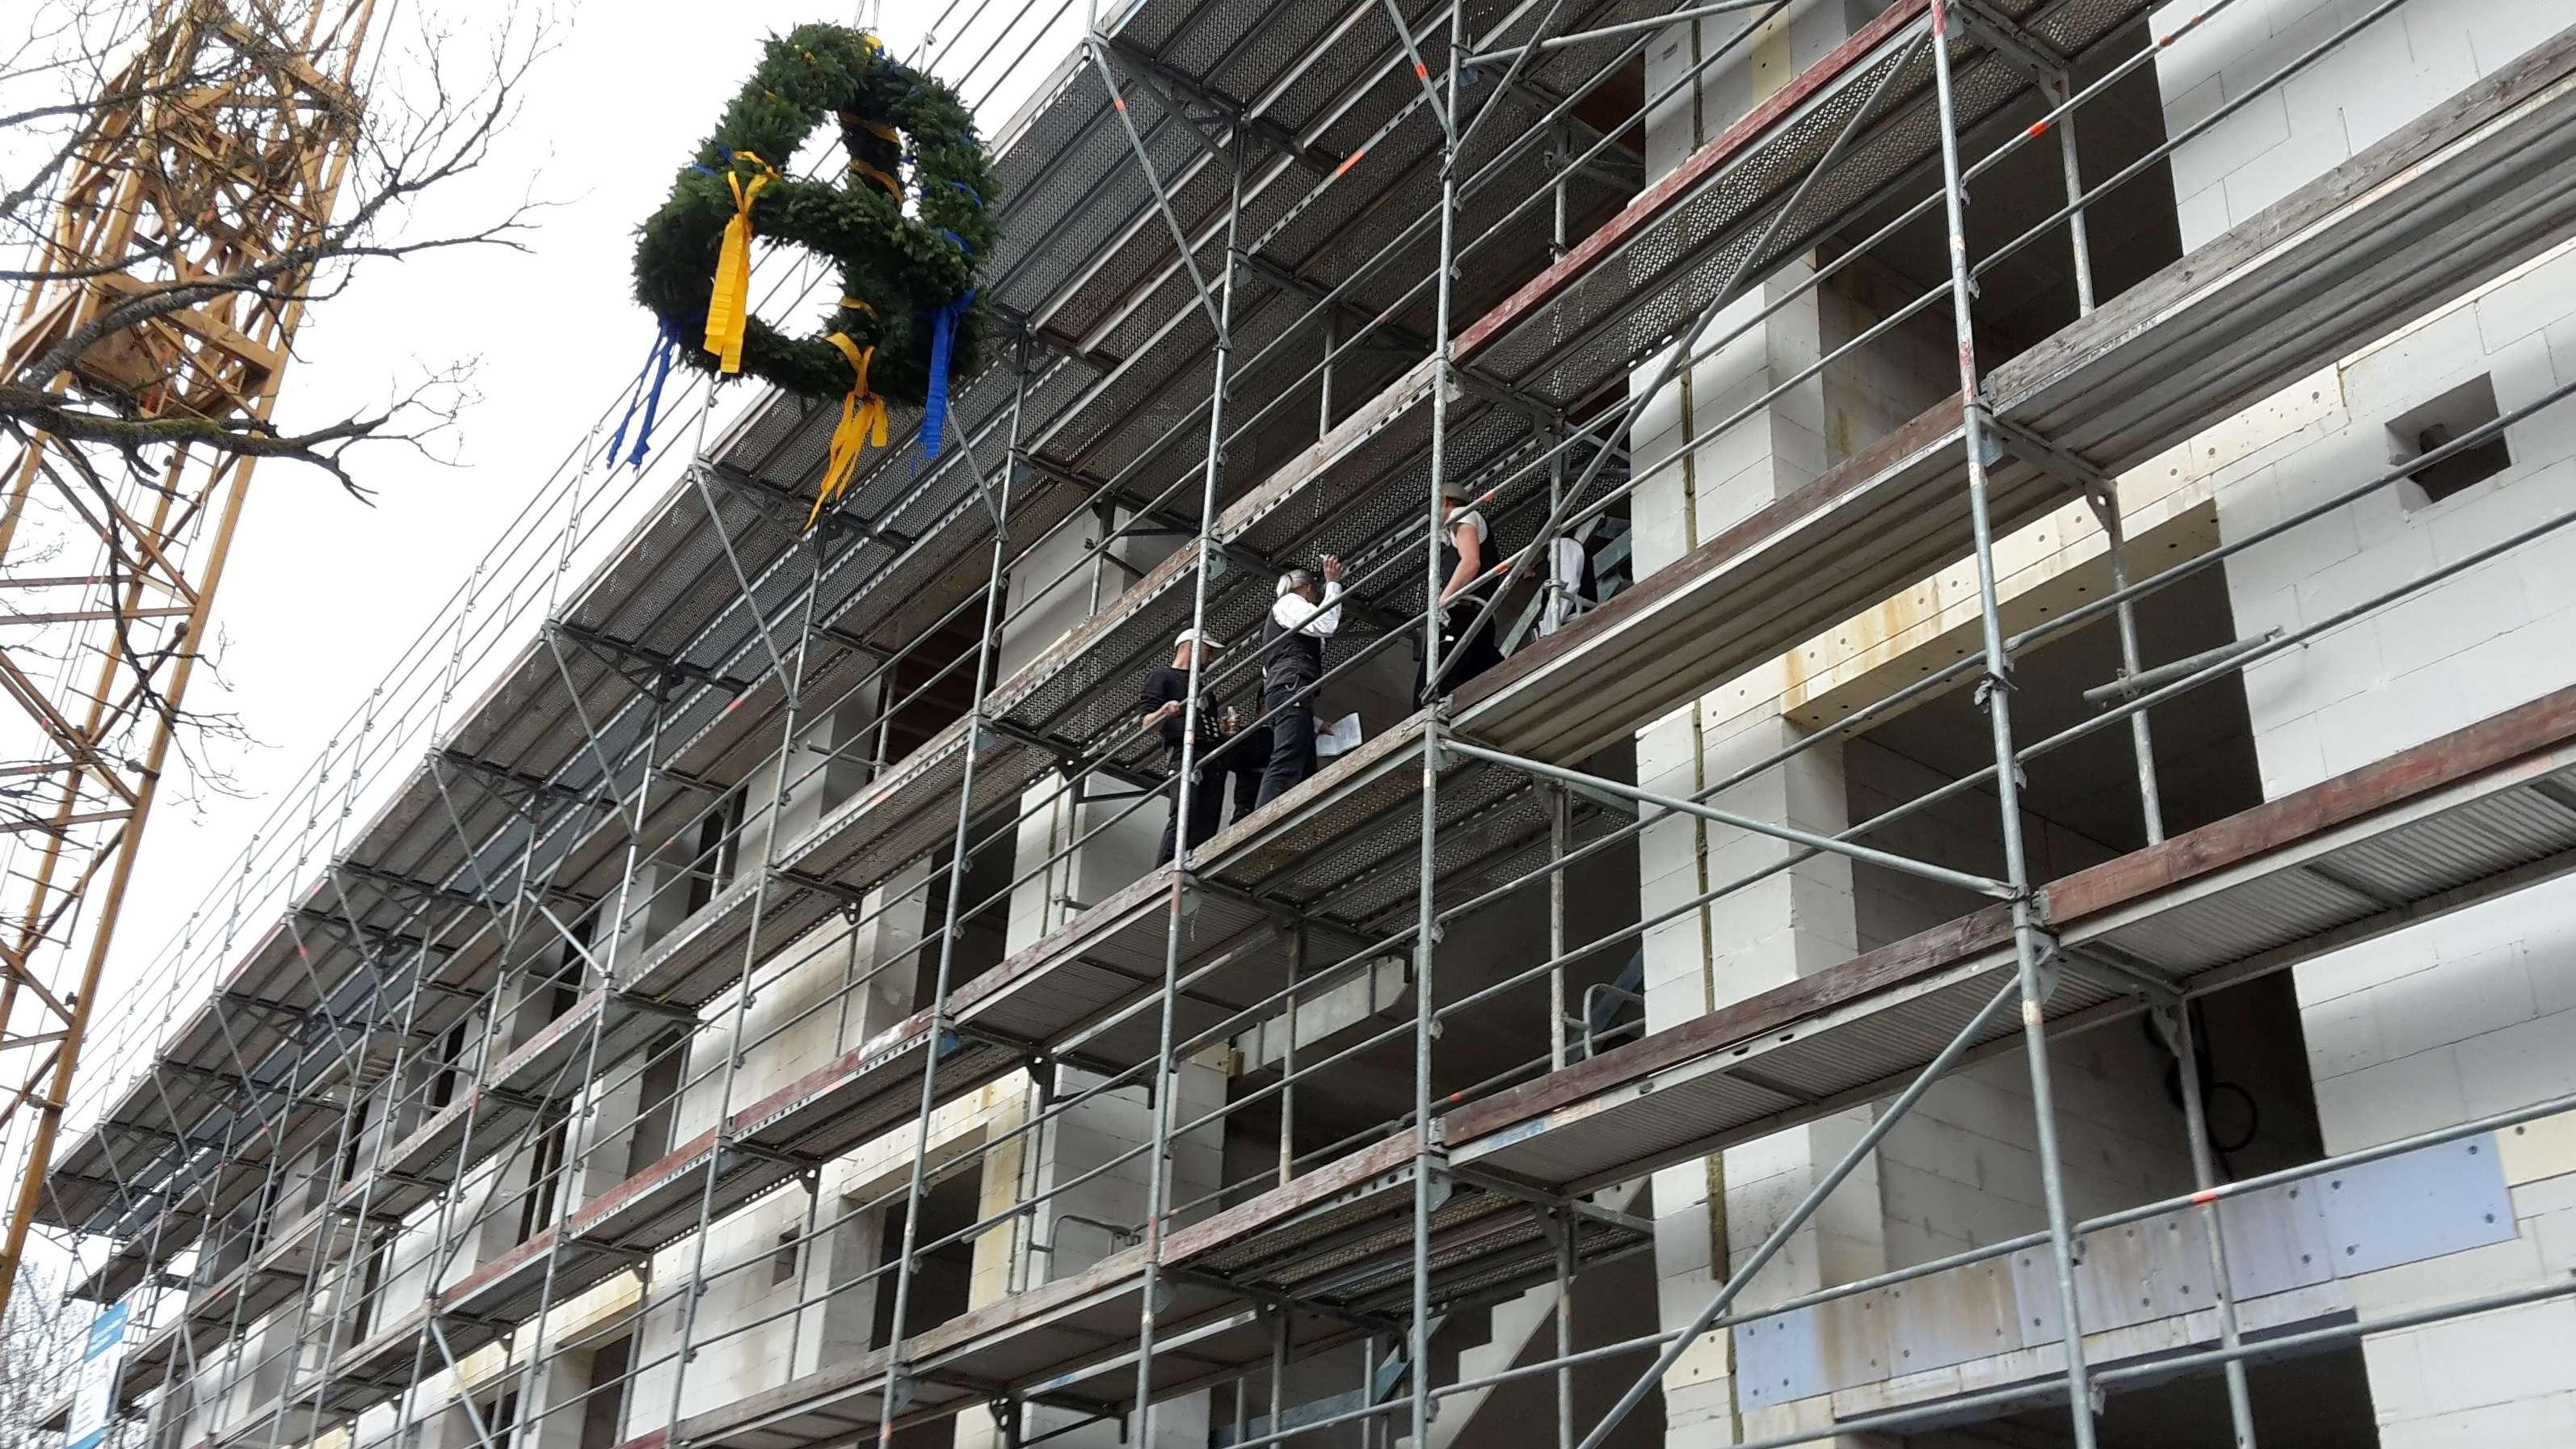 Richtfest für neues Personalwohnheim in Bayreuth